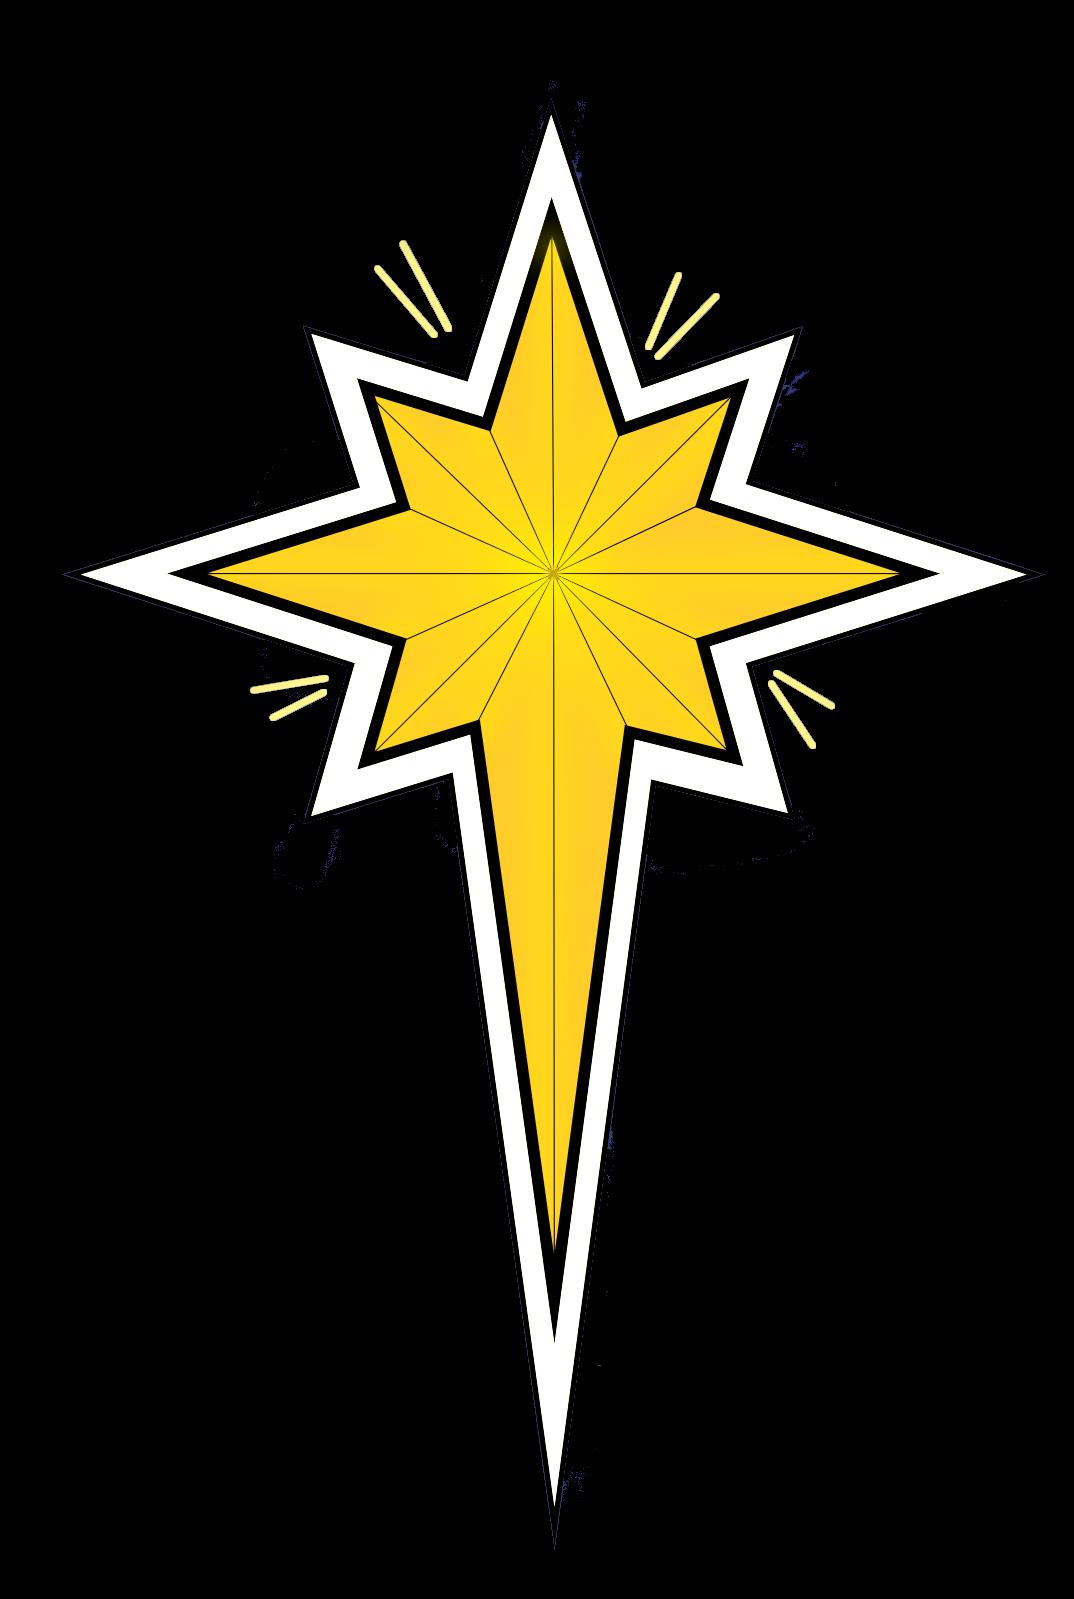 Desenho De Casas 174 Colecci 243 N De Gifs 174 Im 193 Genes De La Estrella De Bel 201 N